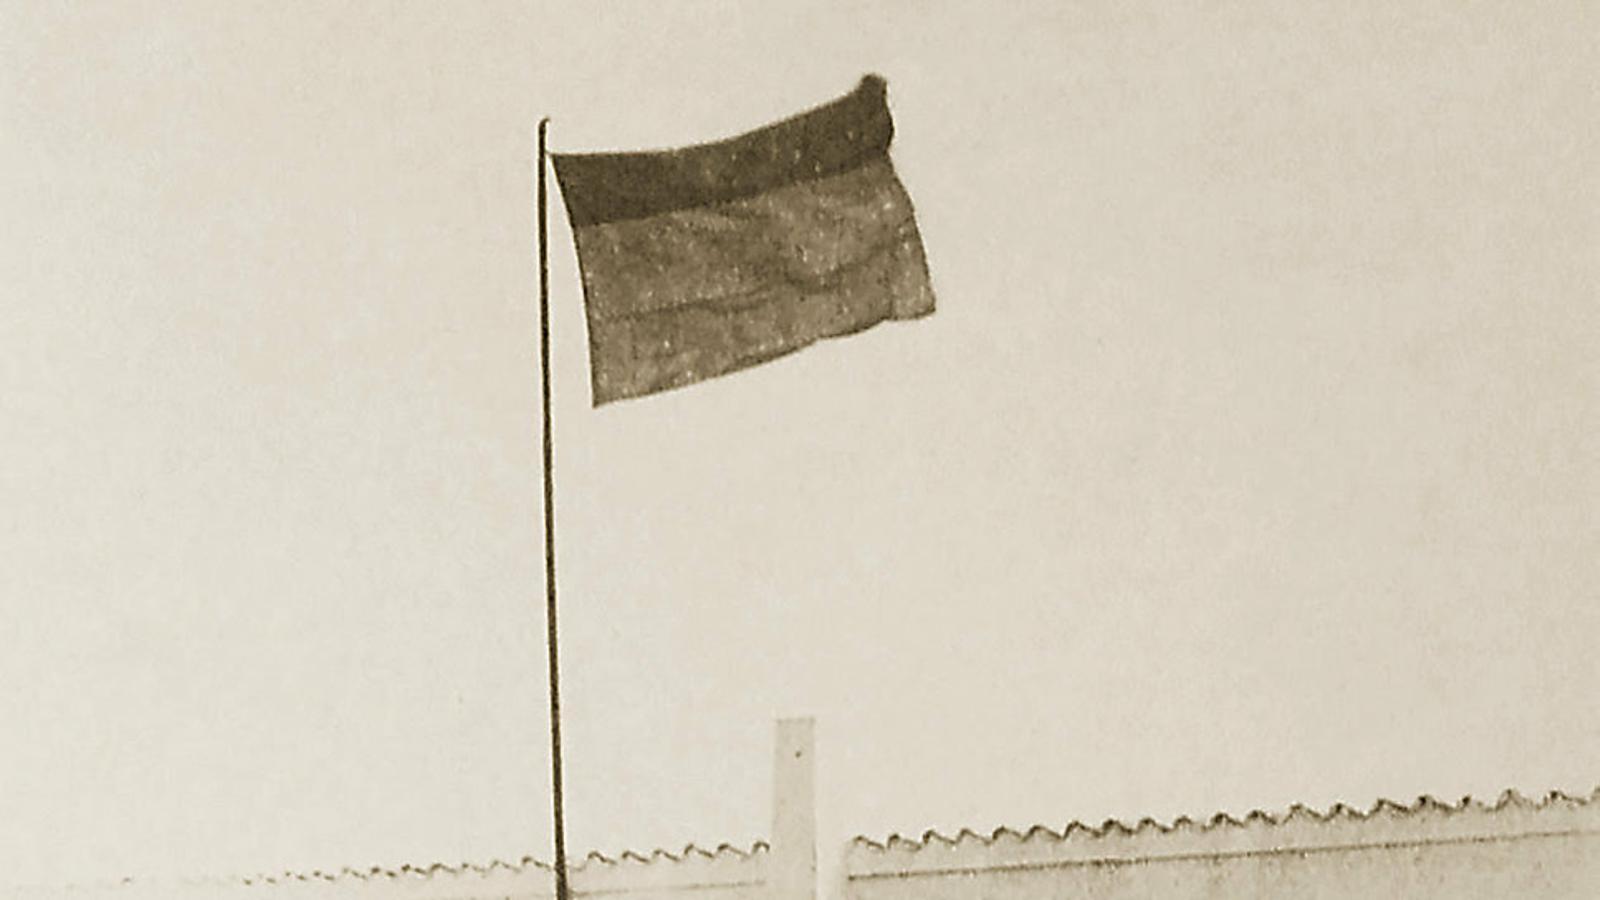 Quan l'anarquisme arrelà amb força a Formentera